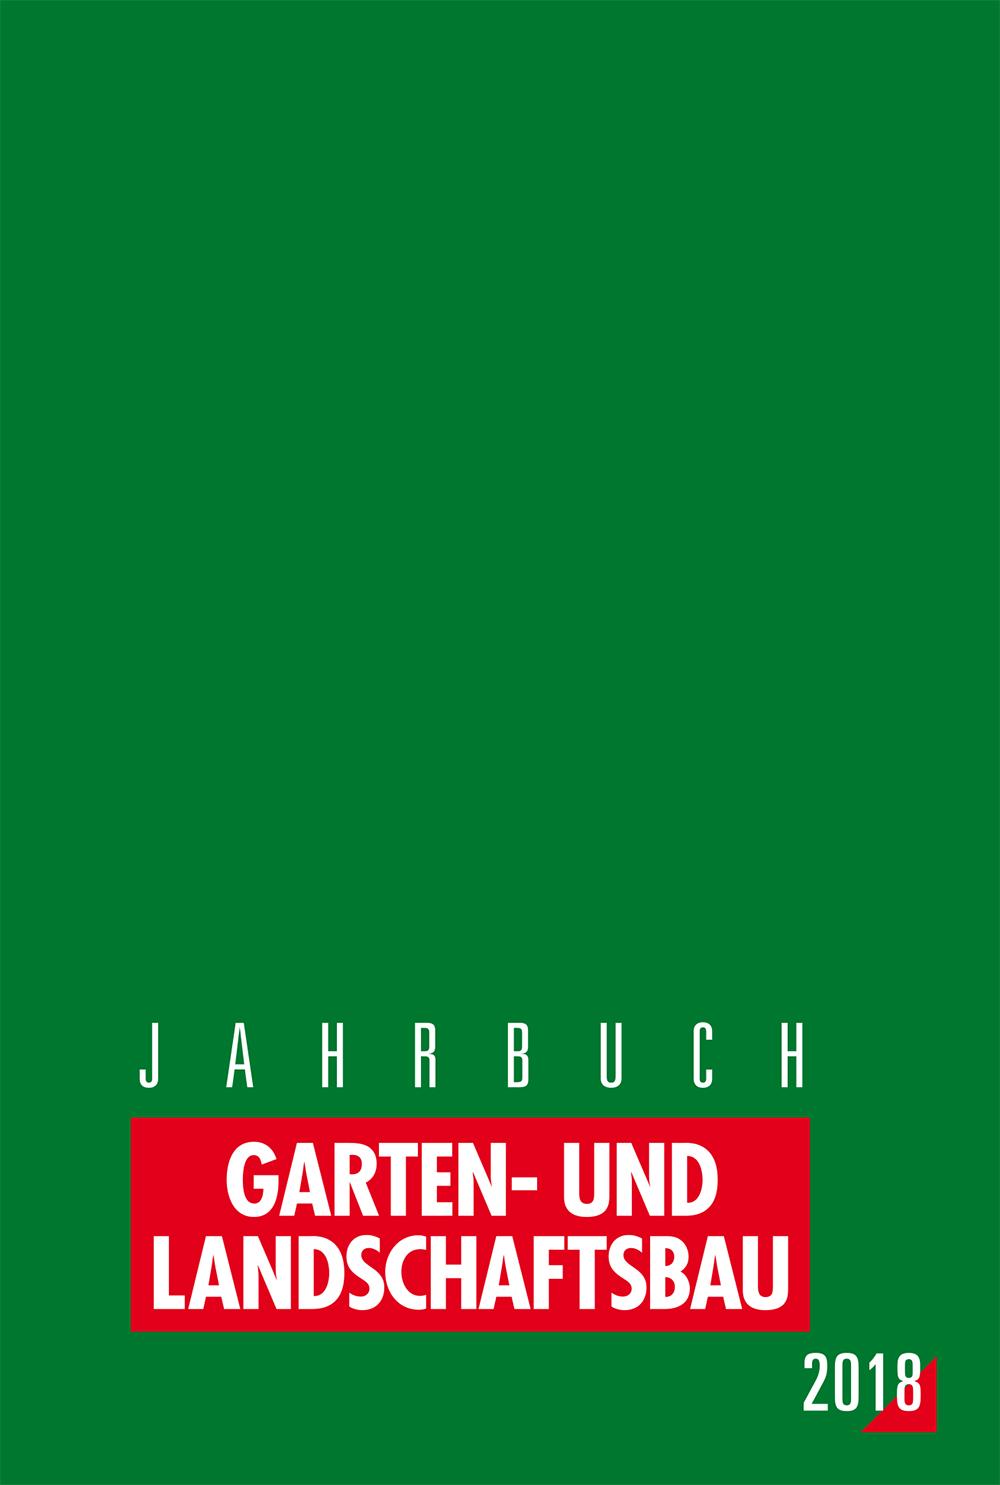 garten und landschaftsbau jahrbuch garten und landschaftsbau 2018 patzer verlag shop